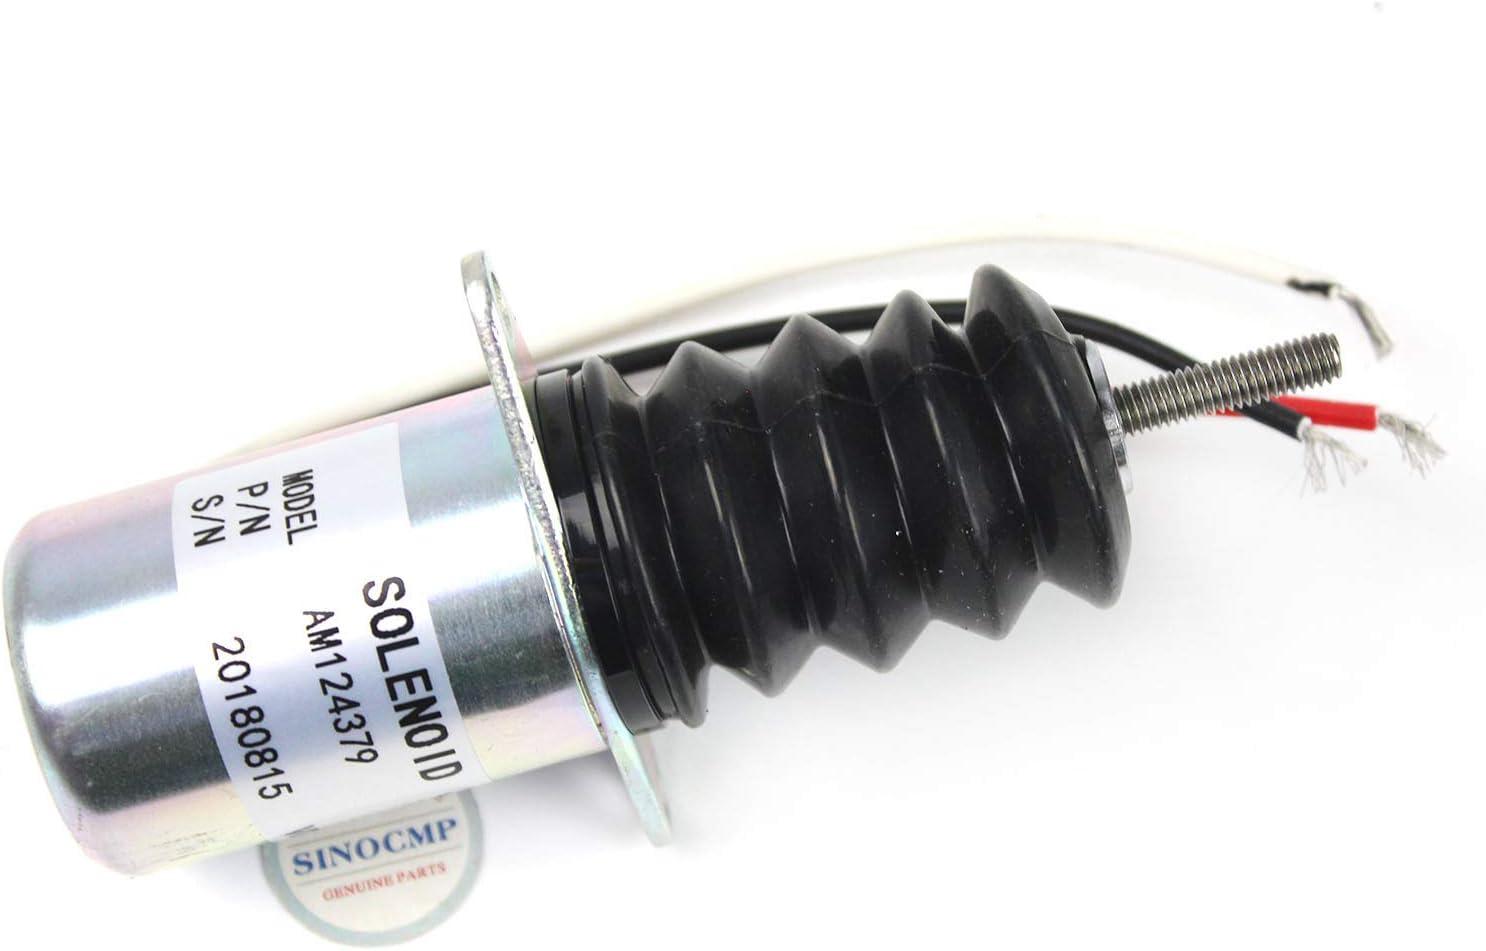 AM124379 Solenoide de apagado de combustible – Válvula de solenoide de cierre SINOCMP para John Deere 415 455 F915 F925 F935 piezas de excavadora de cortacésped delantero.